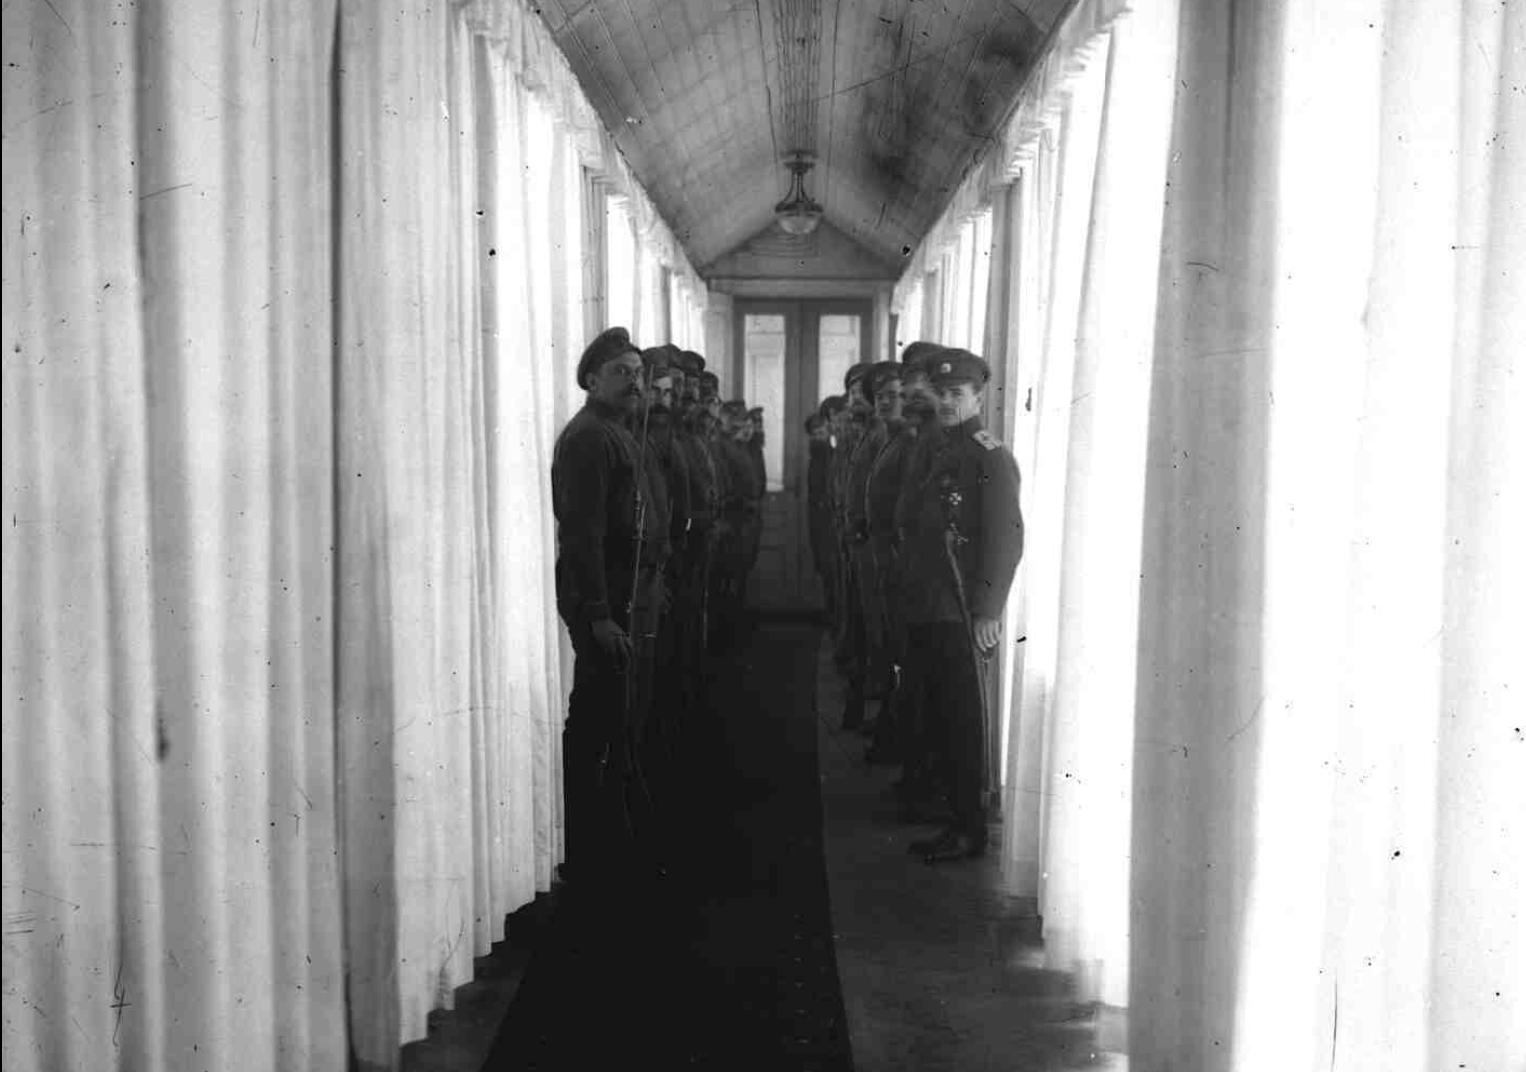 Караул в Таврическом дворце, охраняющий арестованных министров Временного правительства  Петроград,26 октября 1917